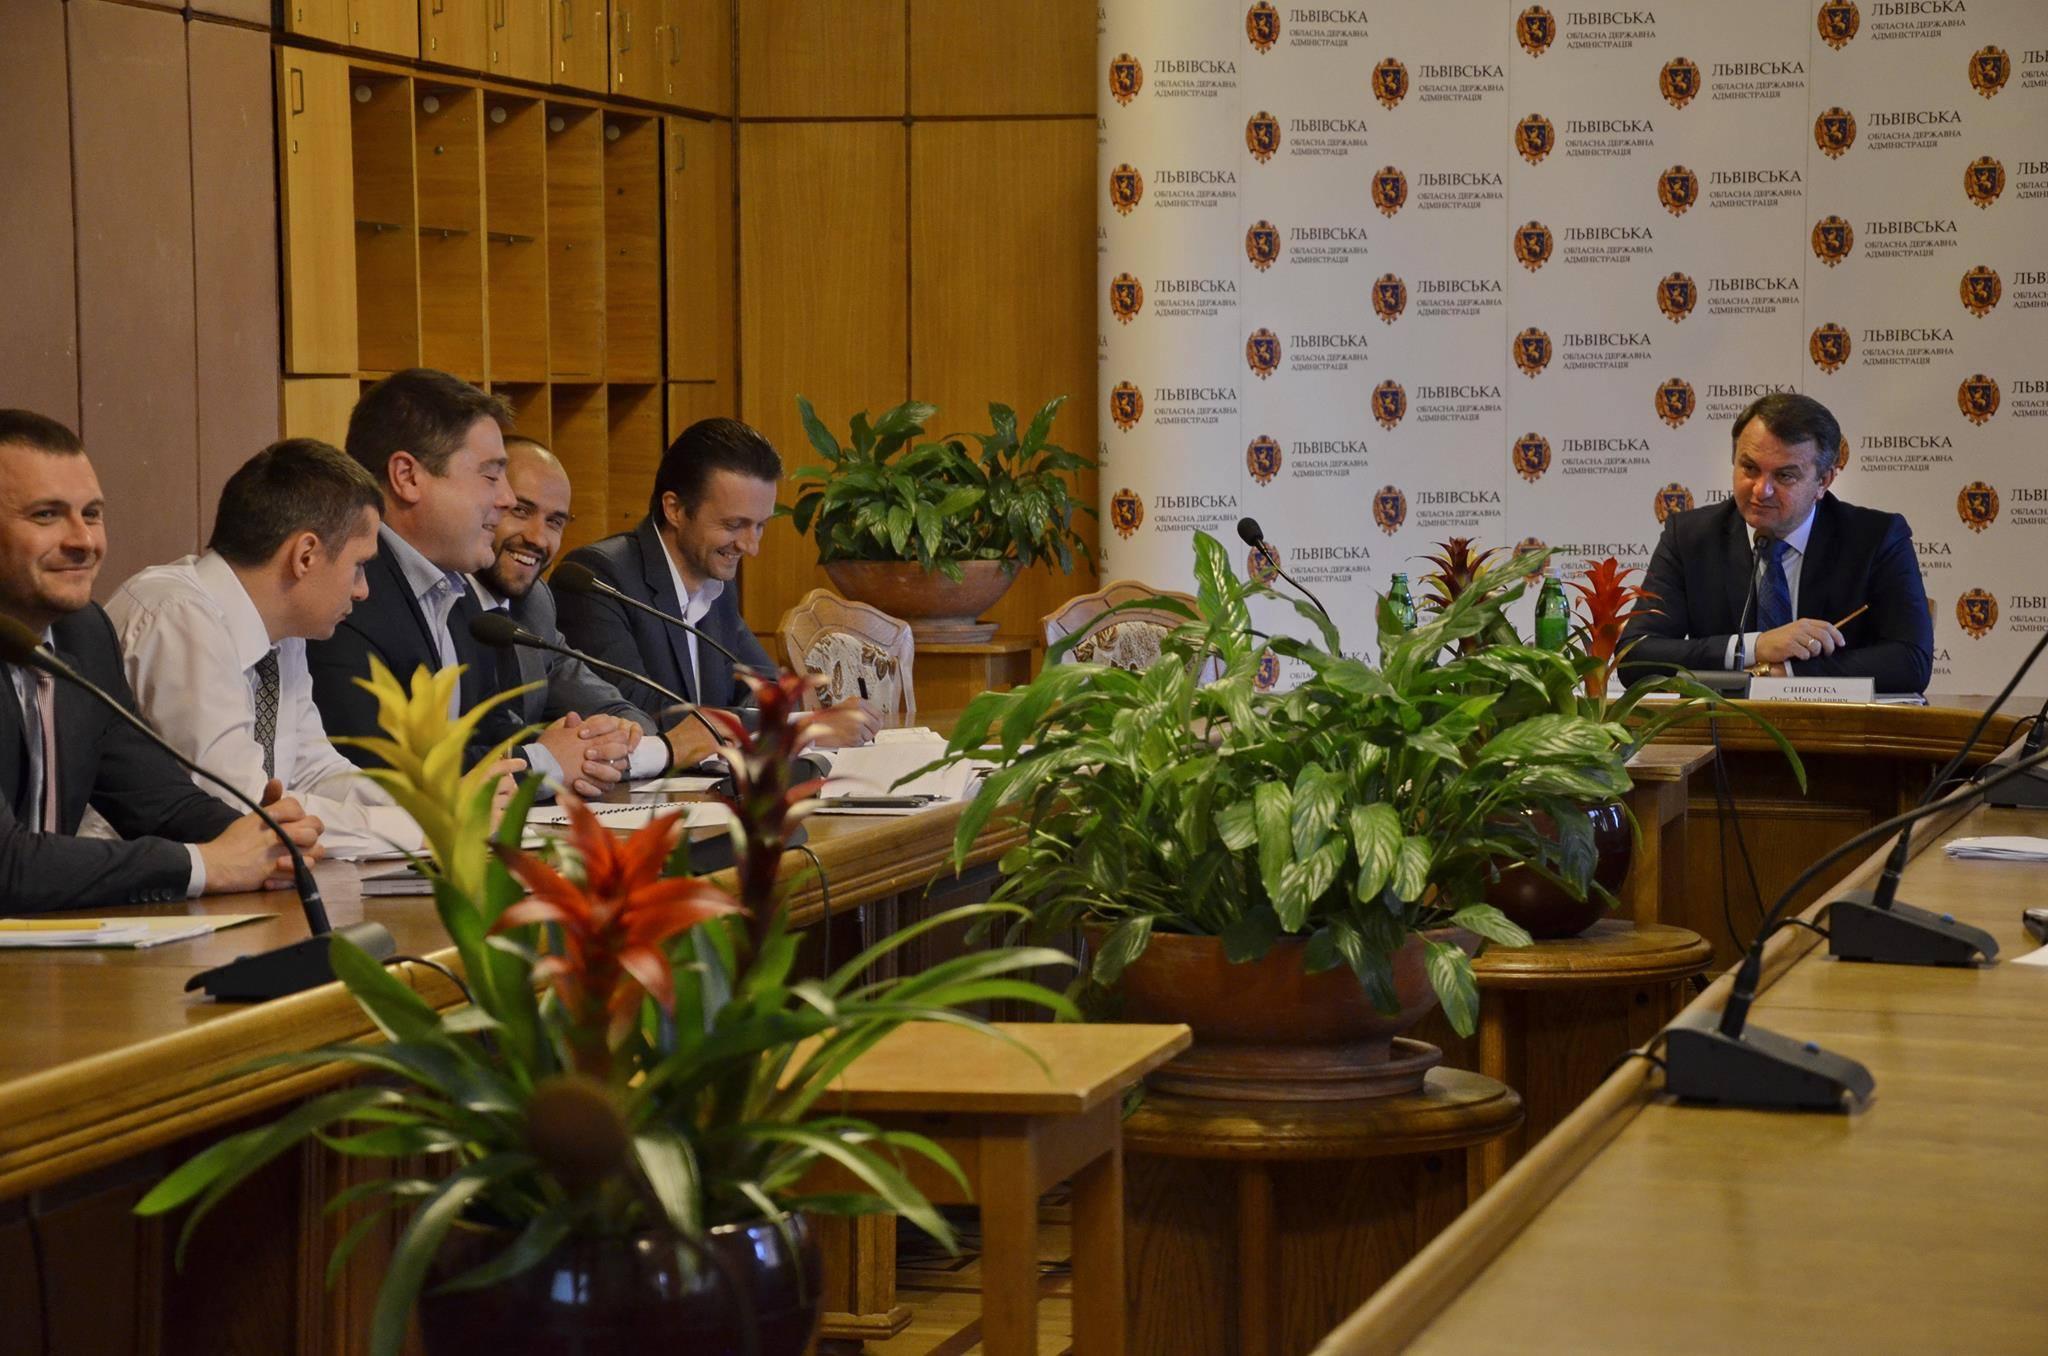 Какие «несчастные» пельмени едят депутаты и чиновники во Львове (ФОТО)